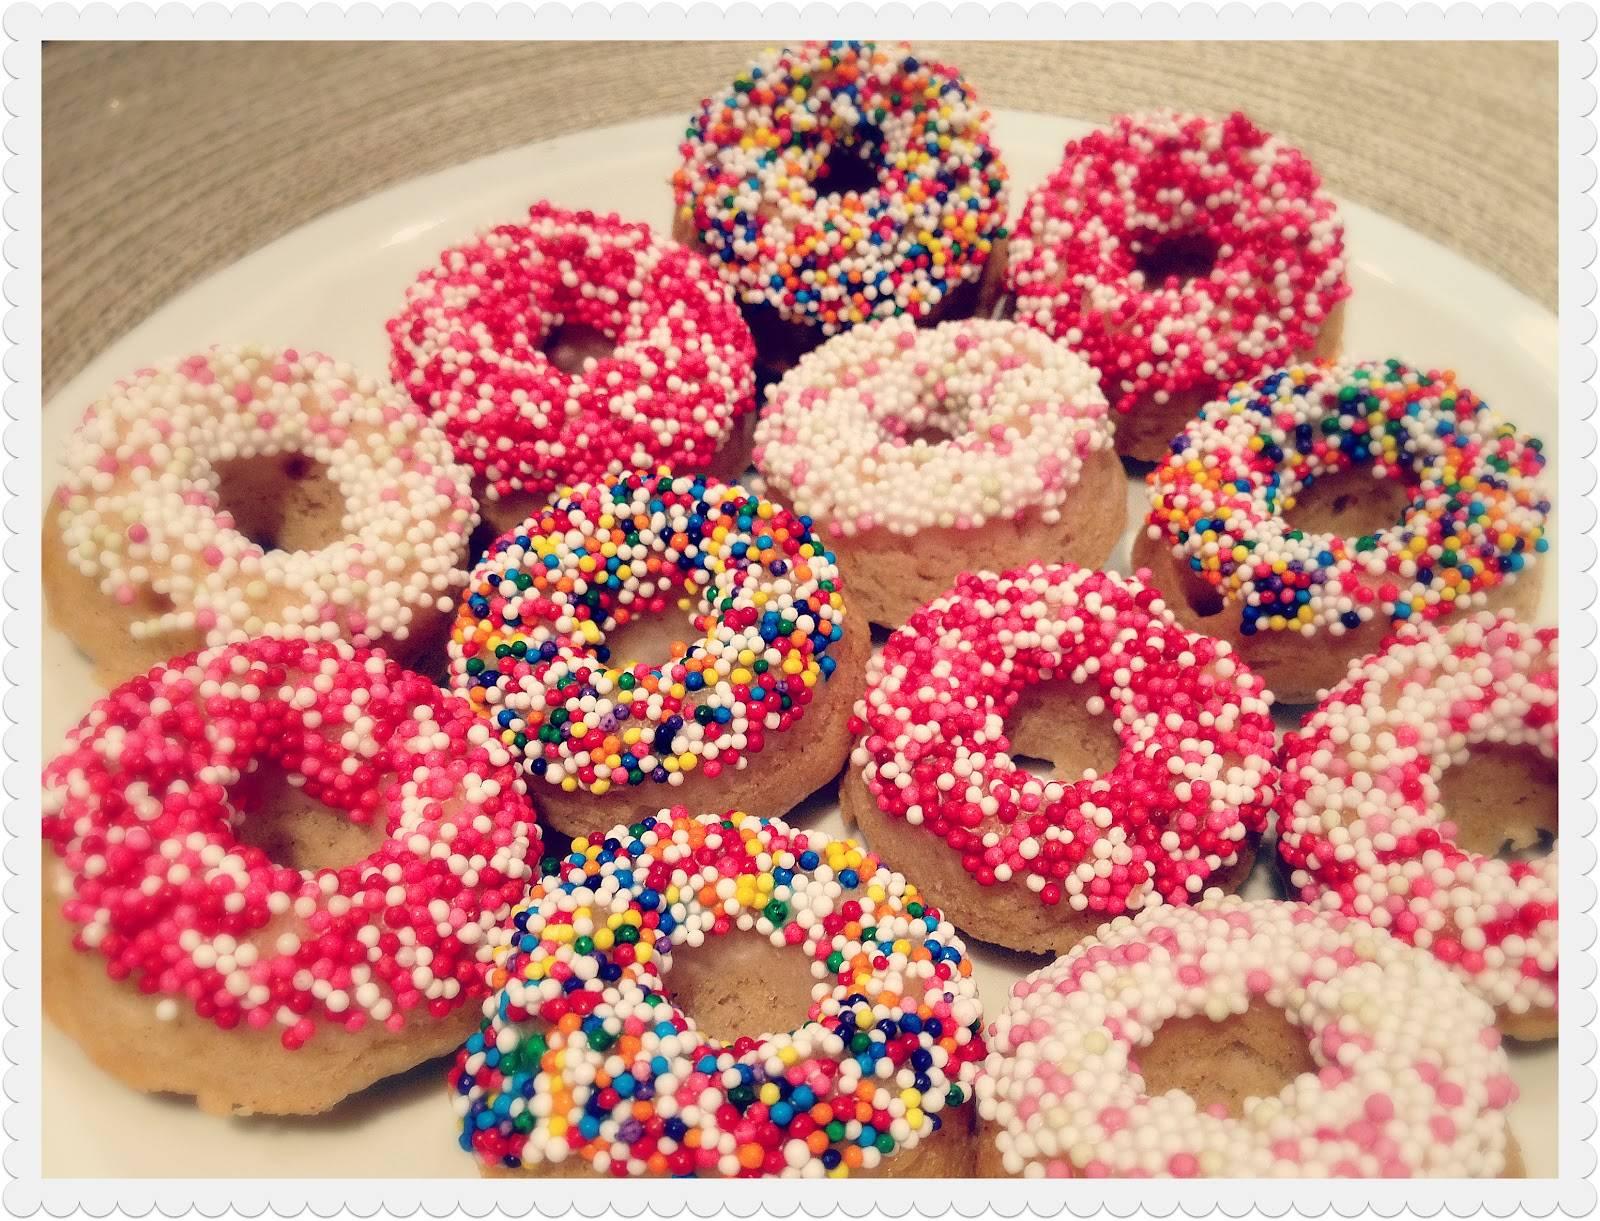 Unduh 4100 Koleksi Wallpaper Tumblr Donut Terbaik